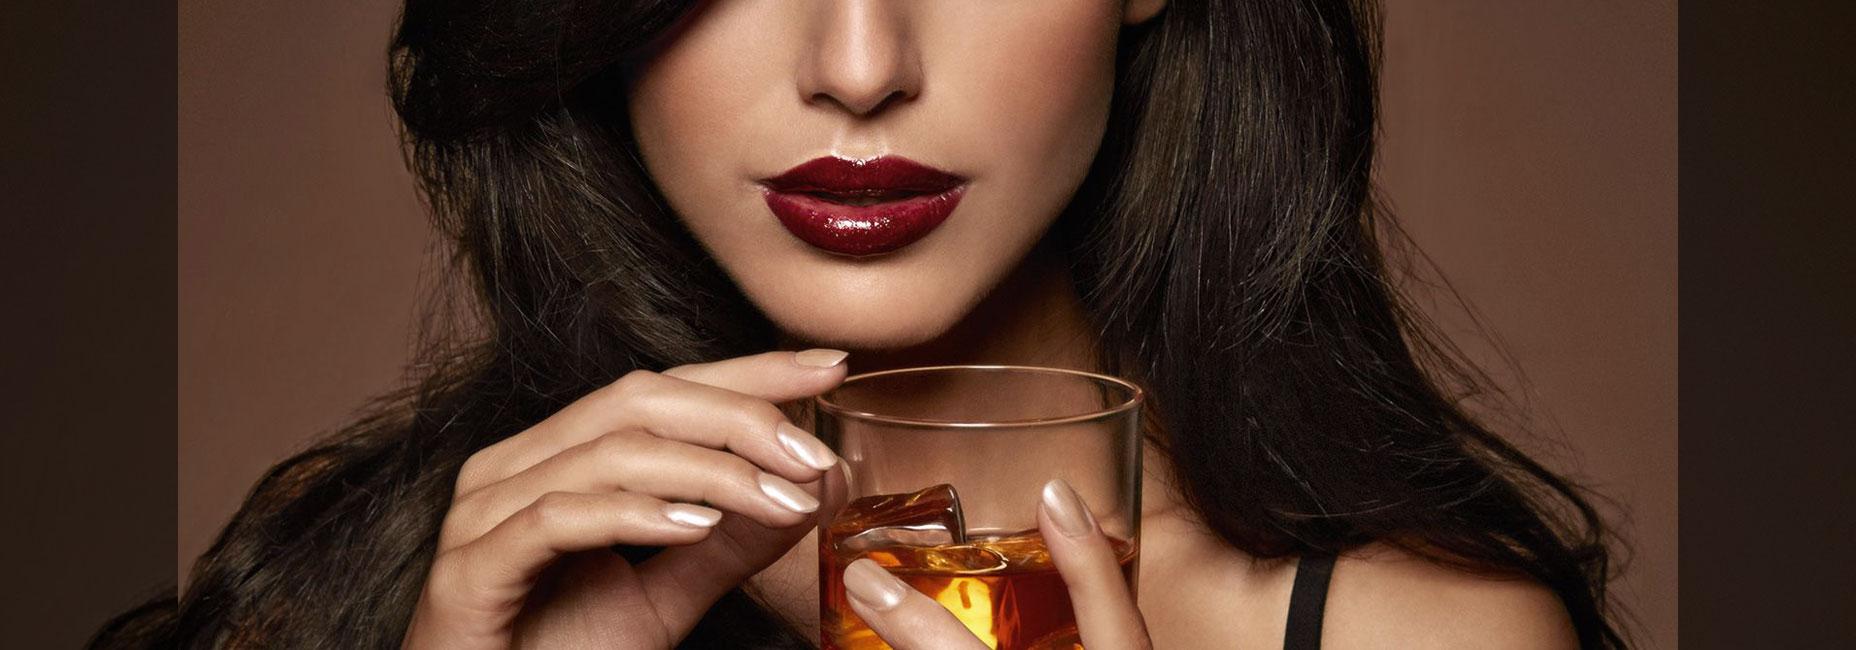 Razones por las que todas las mujeres deberían beber whisky